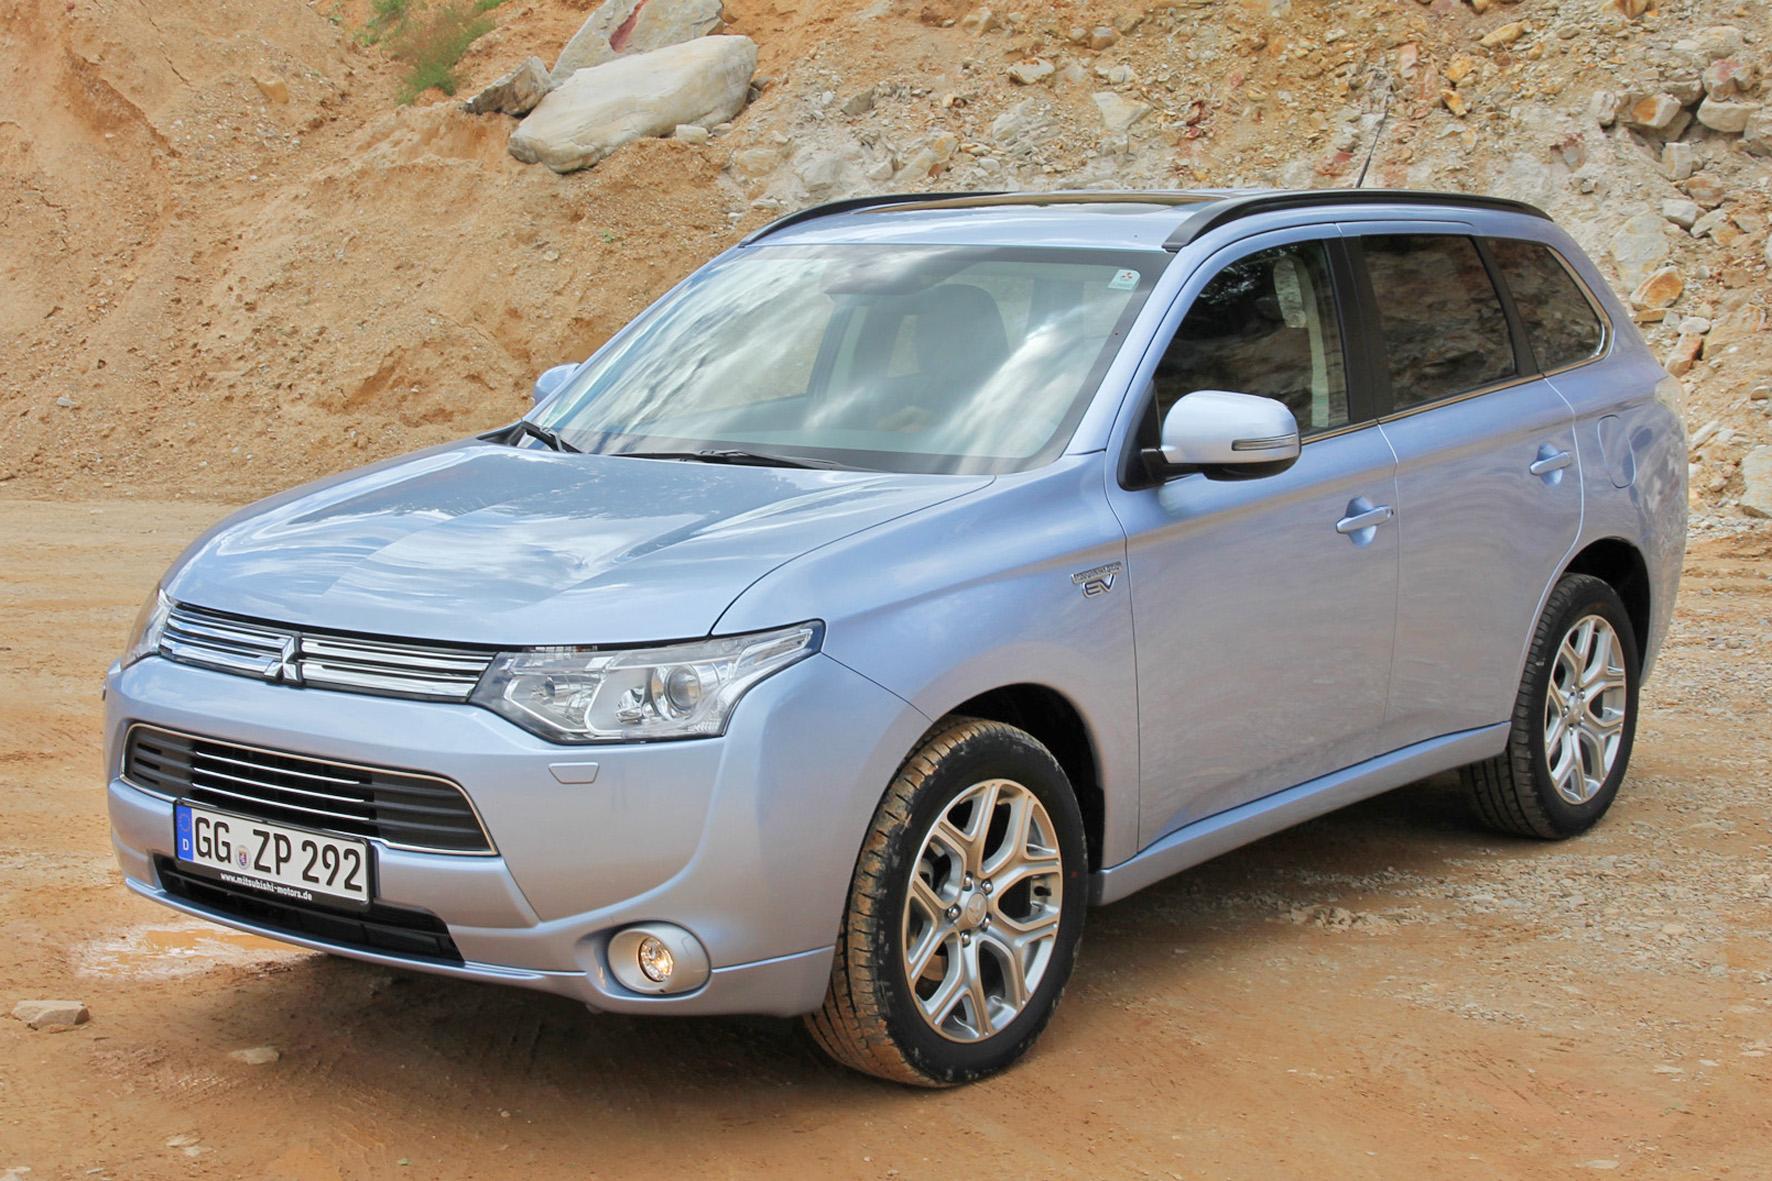 Hybridfahrzeug Mitsubishi Plug-in Hybrid Outlander - Aufnahme von Außen